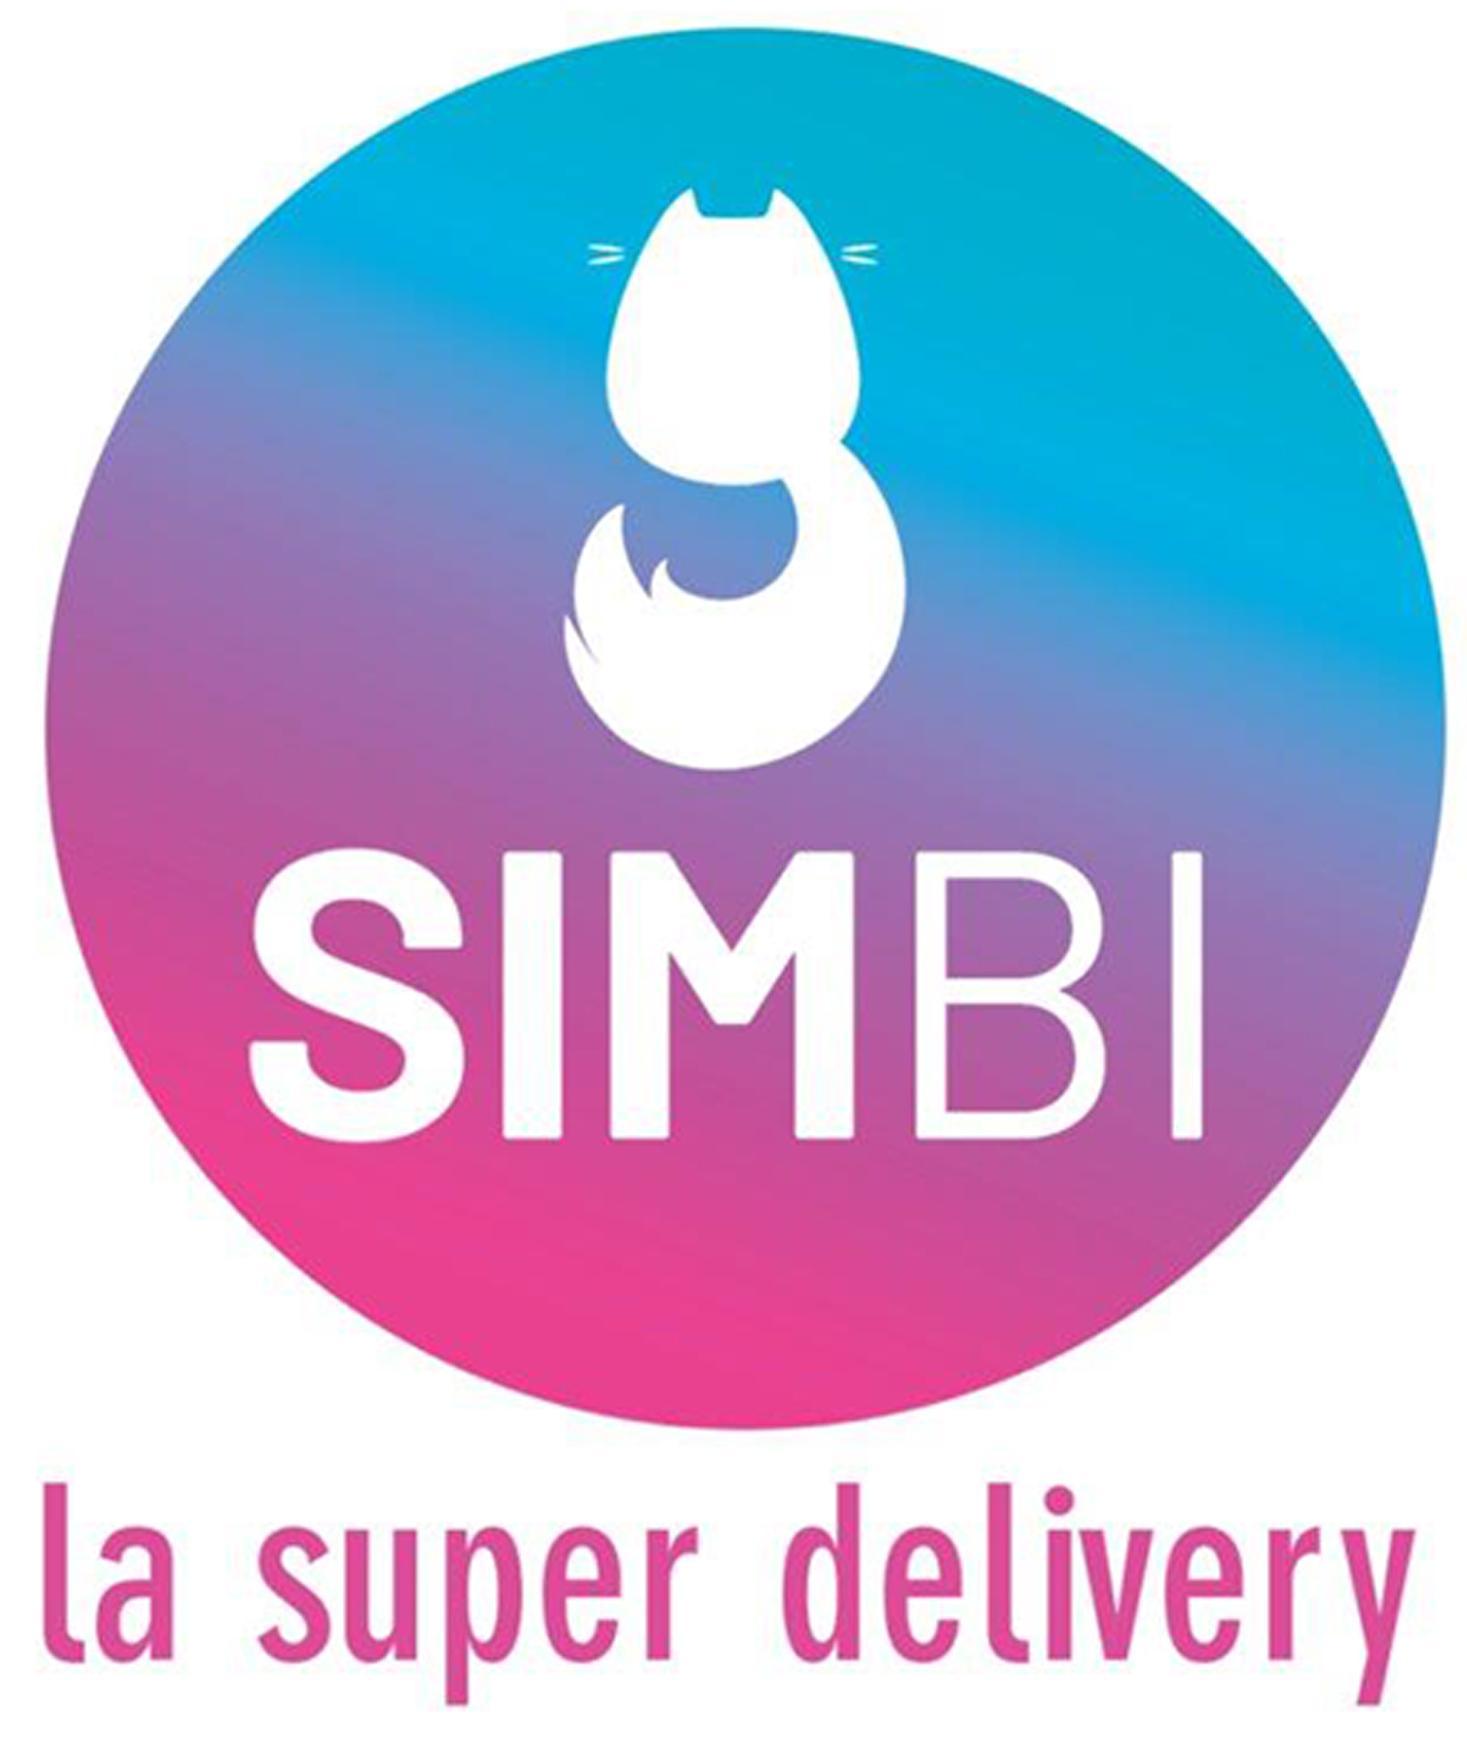 SIMBI : Une nouvelle application de livraison rapide de repas à Casablanca